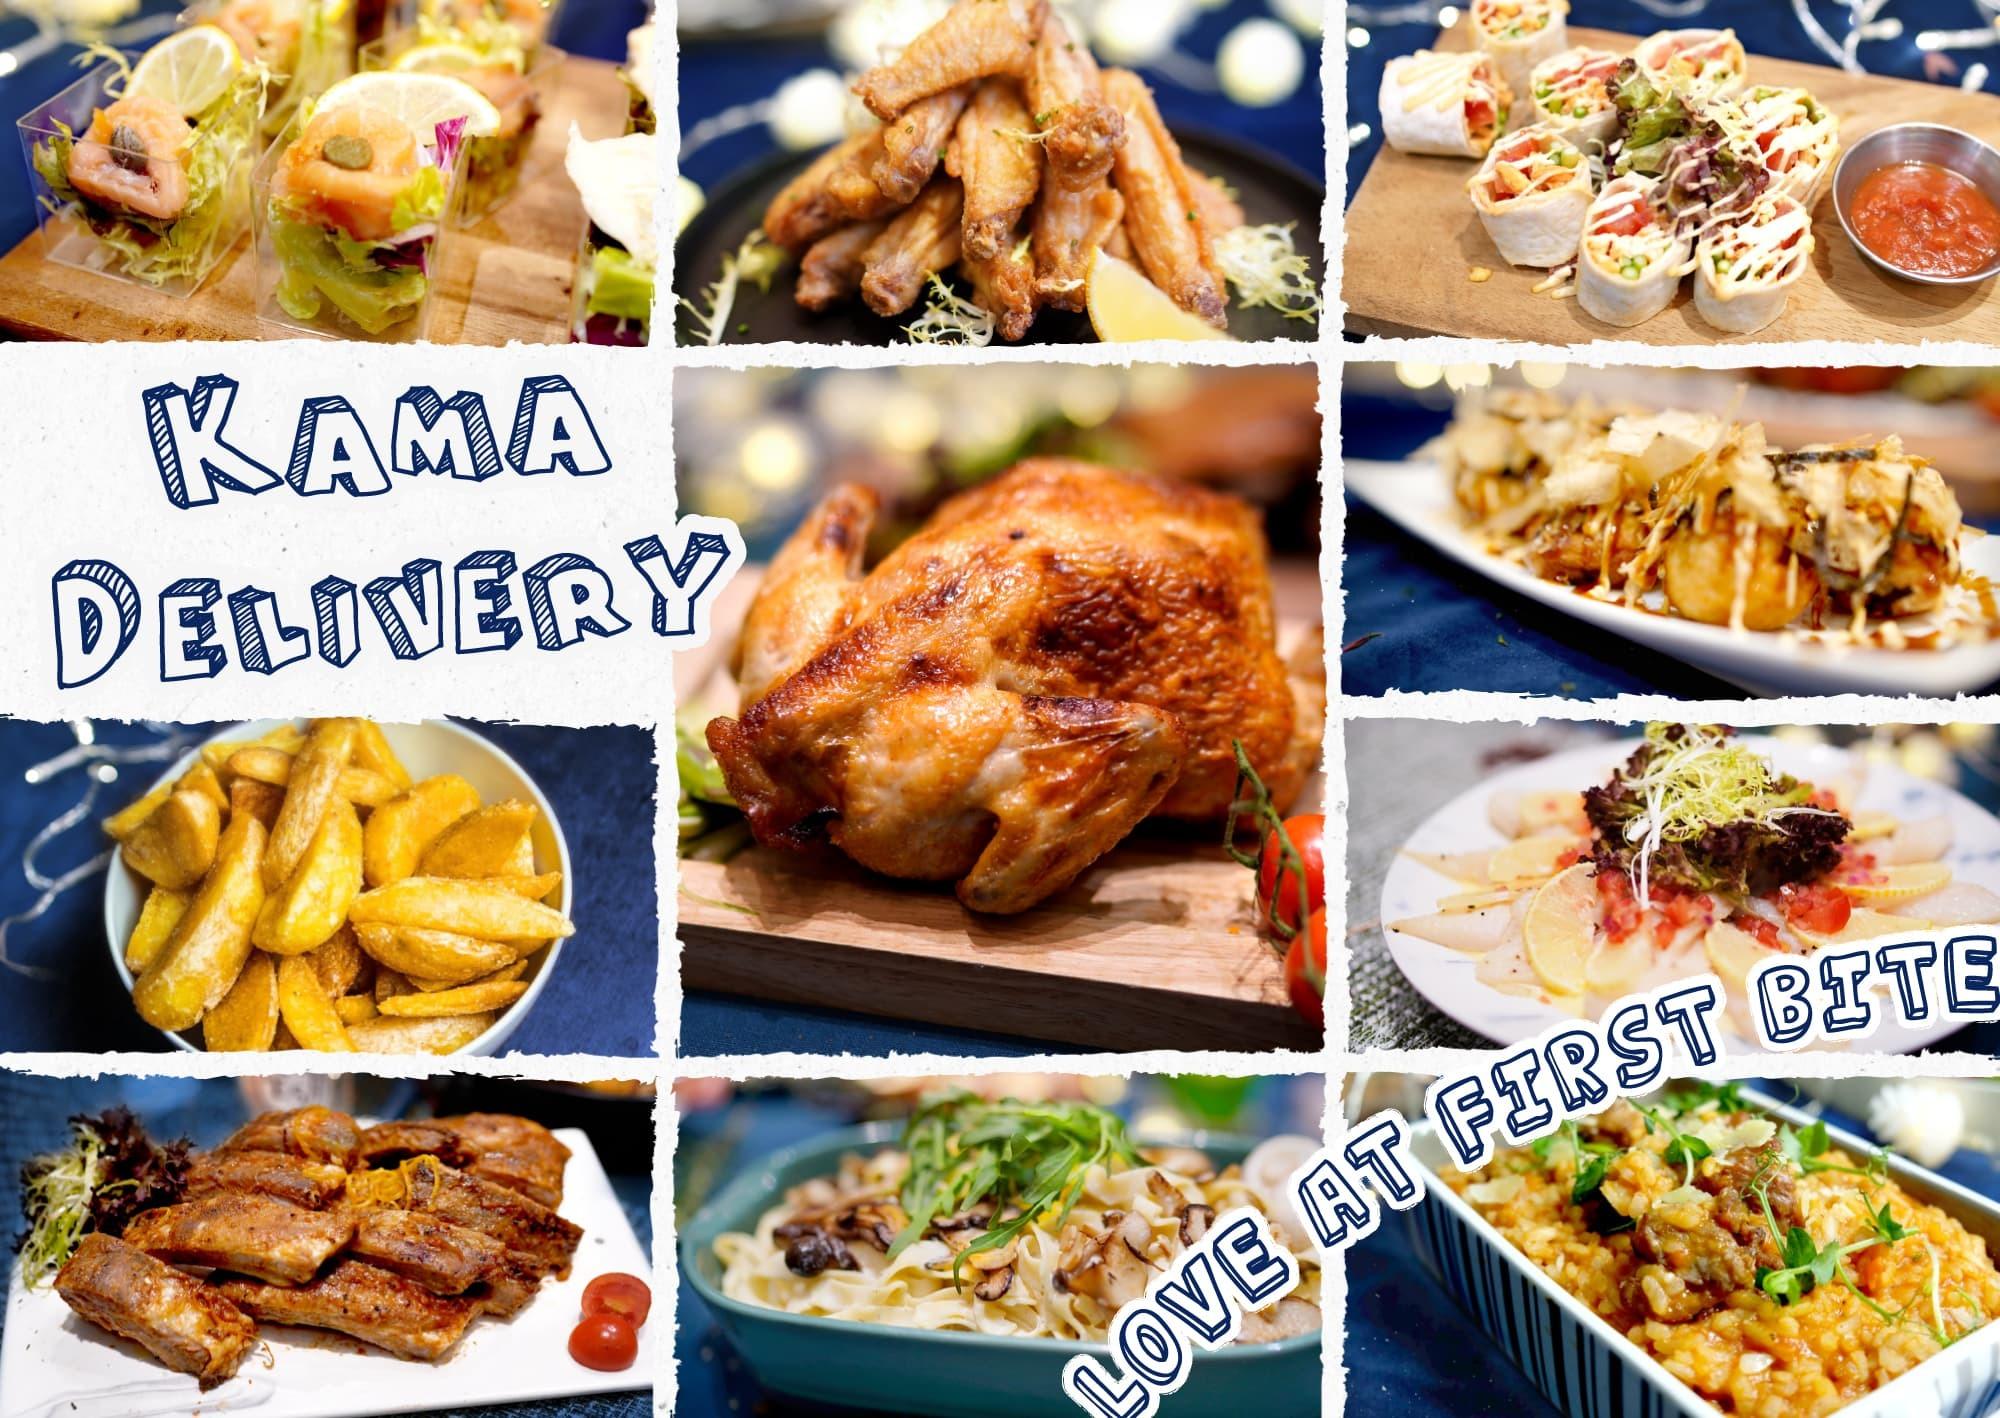 到會26人外賣.推介首選|Kama Delivery為各位炮製多款到會套餐、派對小食、精緻主菜、特色飲品等等,外賣至全港各區!